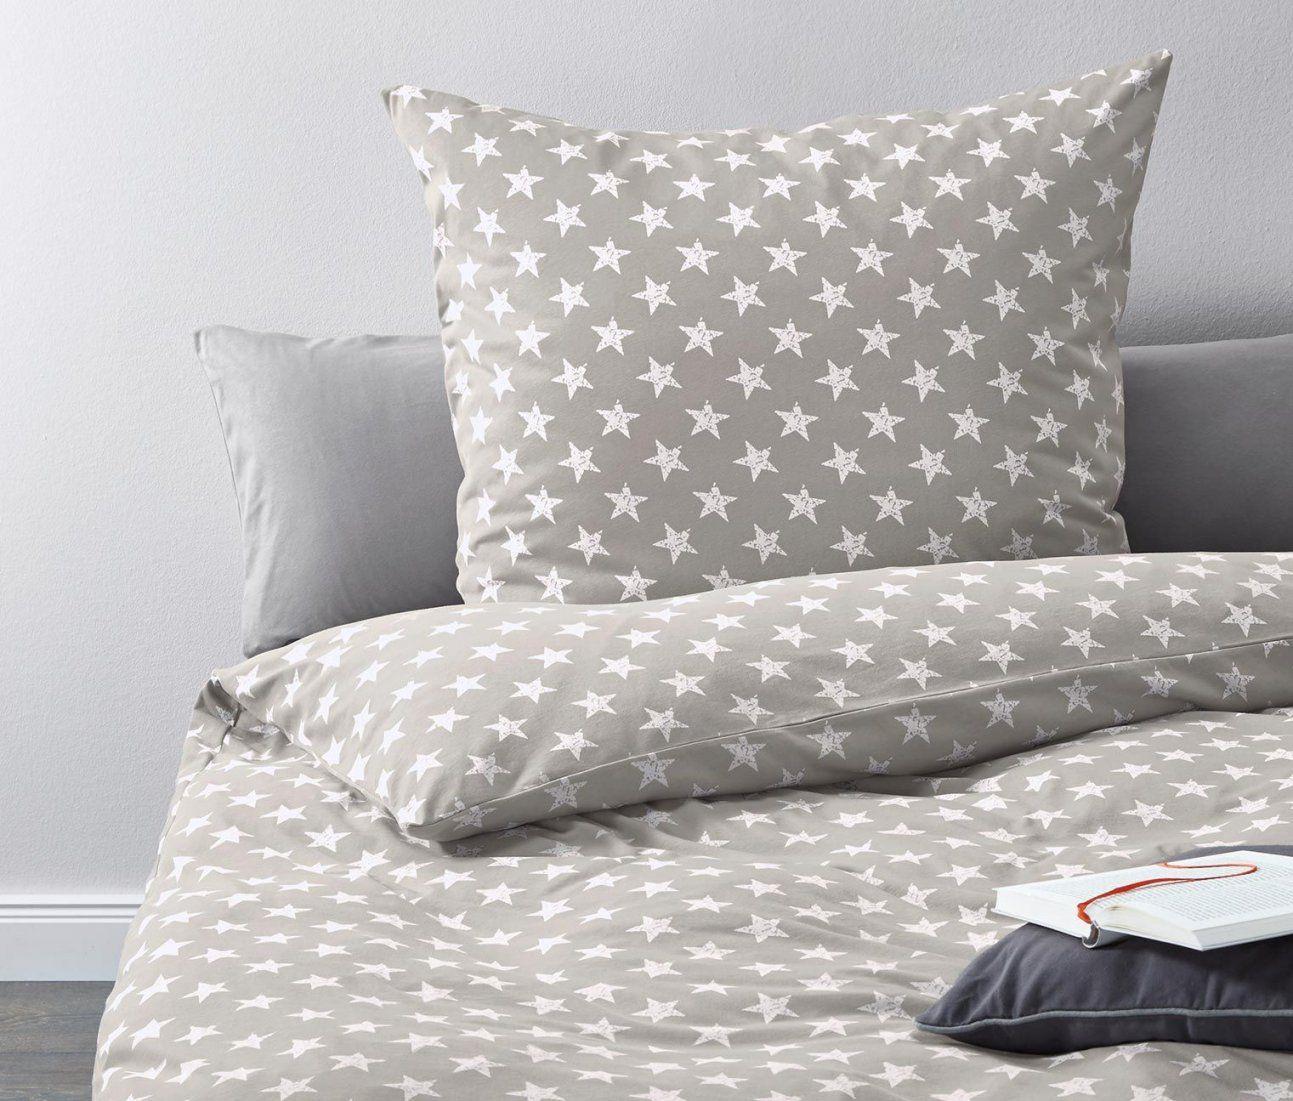 Jerseybettwäsche Grau Mit Sternenprint Online Bestellen Bei von Jersey Bettwäsche Tchibo Photo